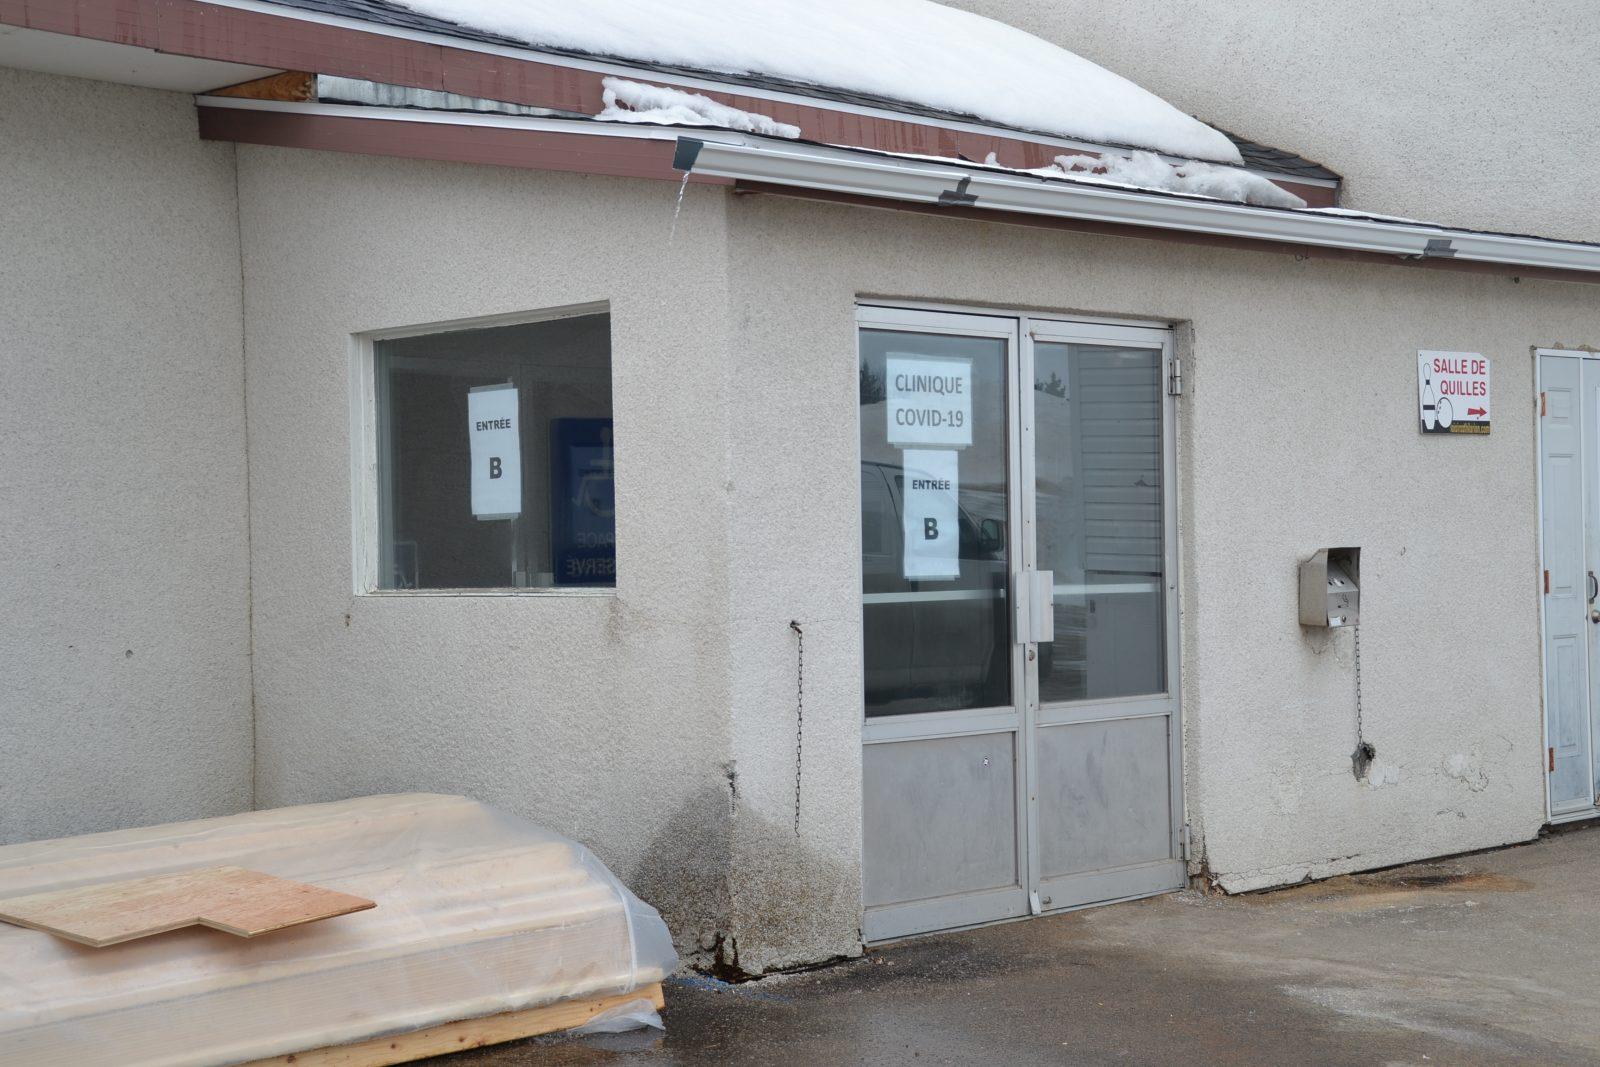 L'aménagement de la clinique désignée COVID-19 se poursuit à Saint-Hilarion